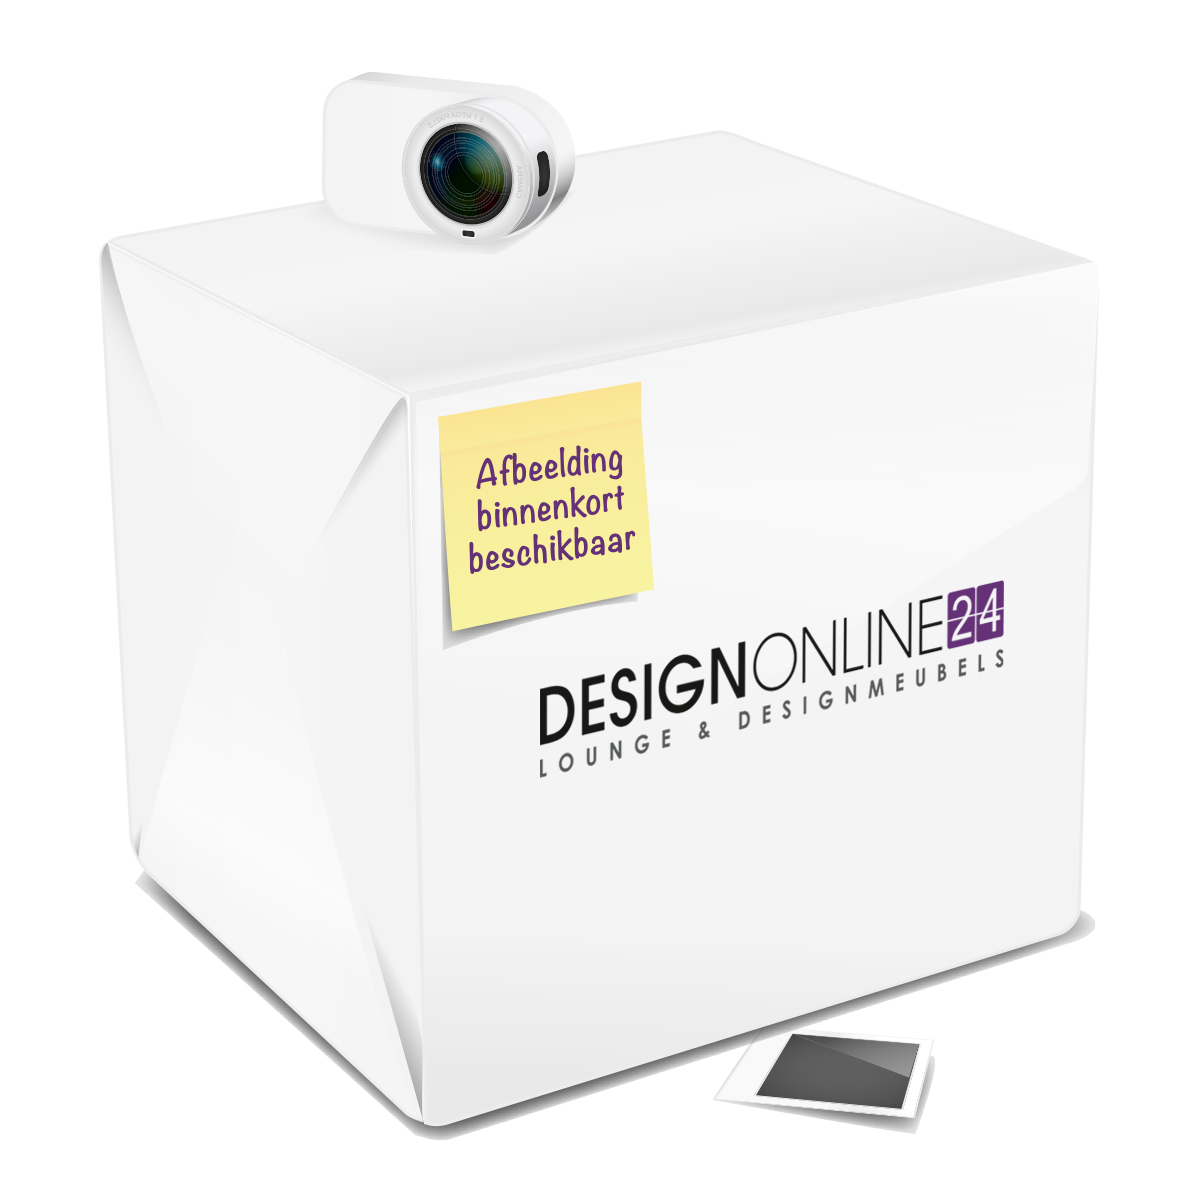 design meubel outlet designonline24